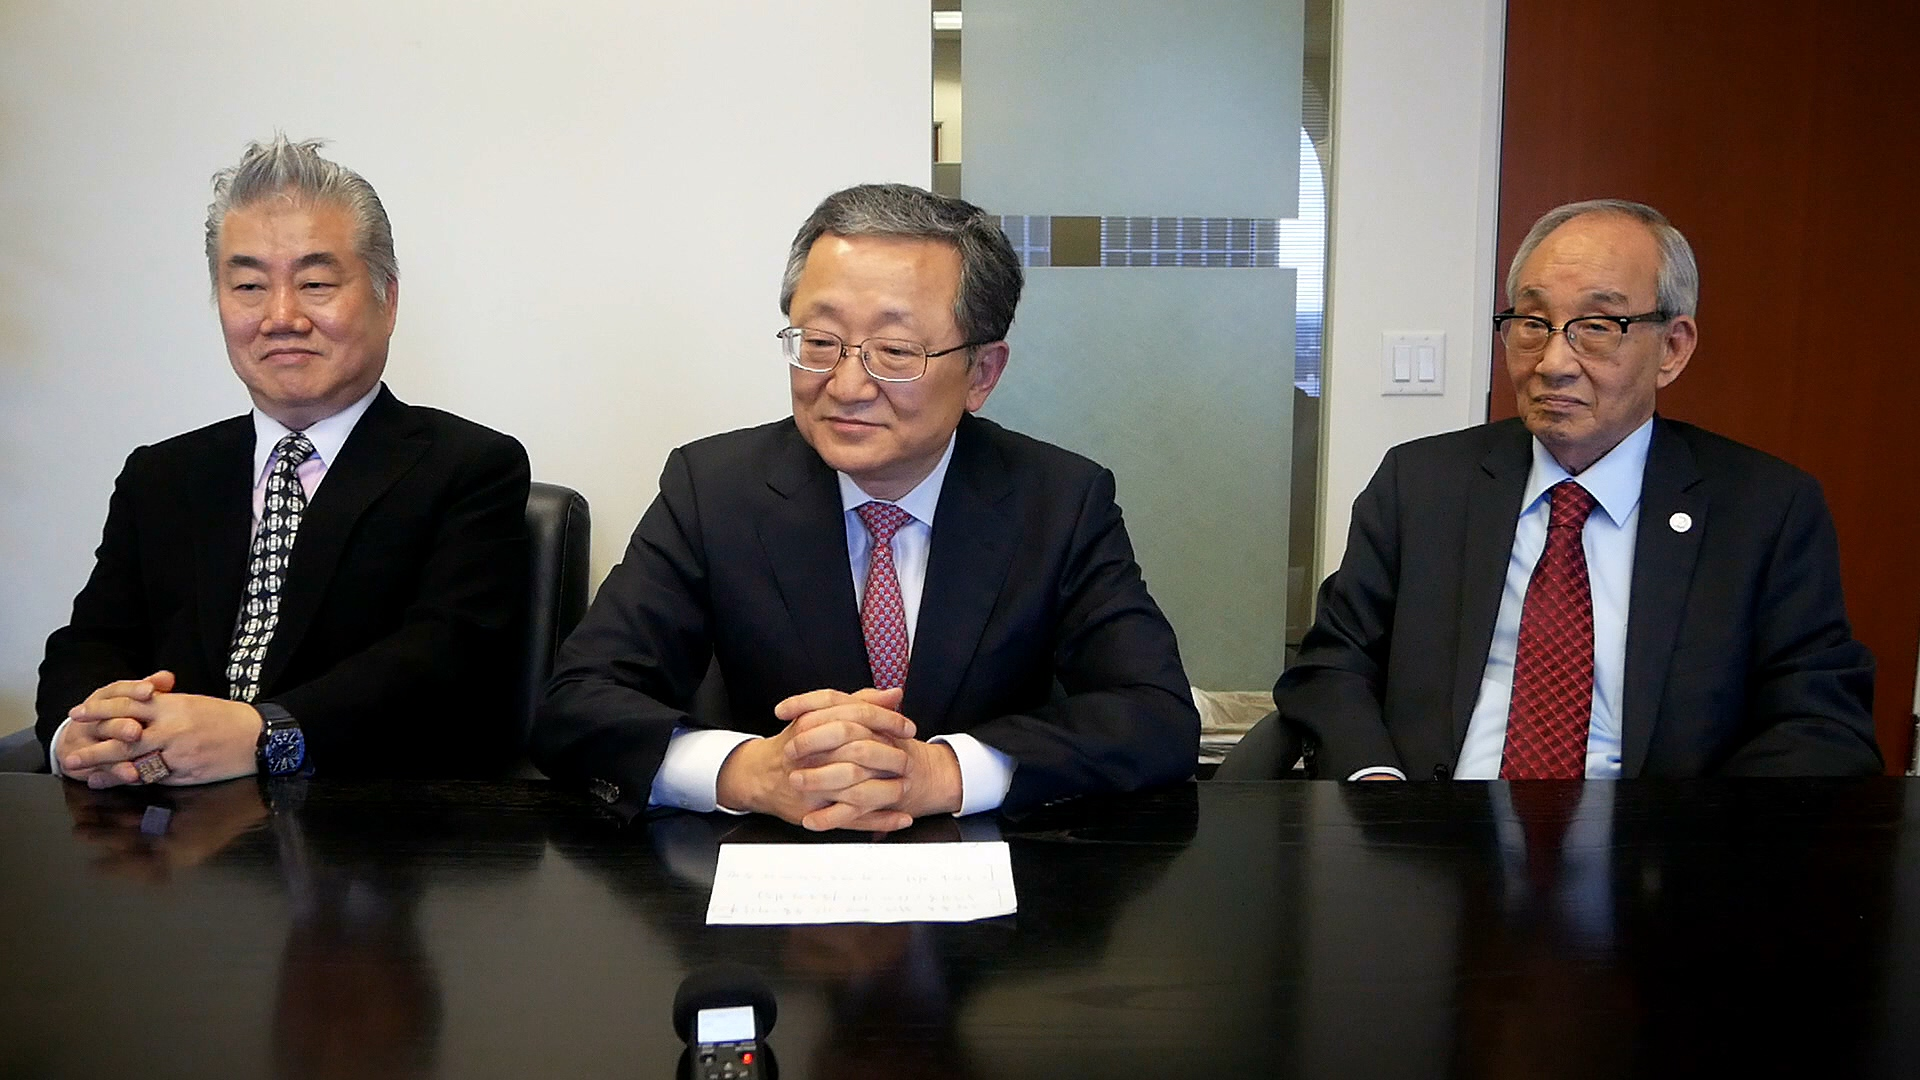 자유한국당 글로벌분과위원회 LA방문...해외동포들과의 교류 확대 도모